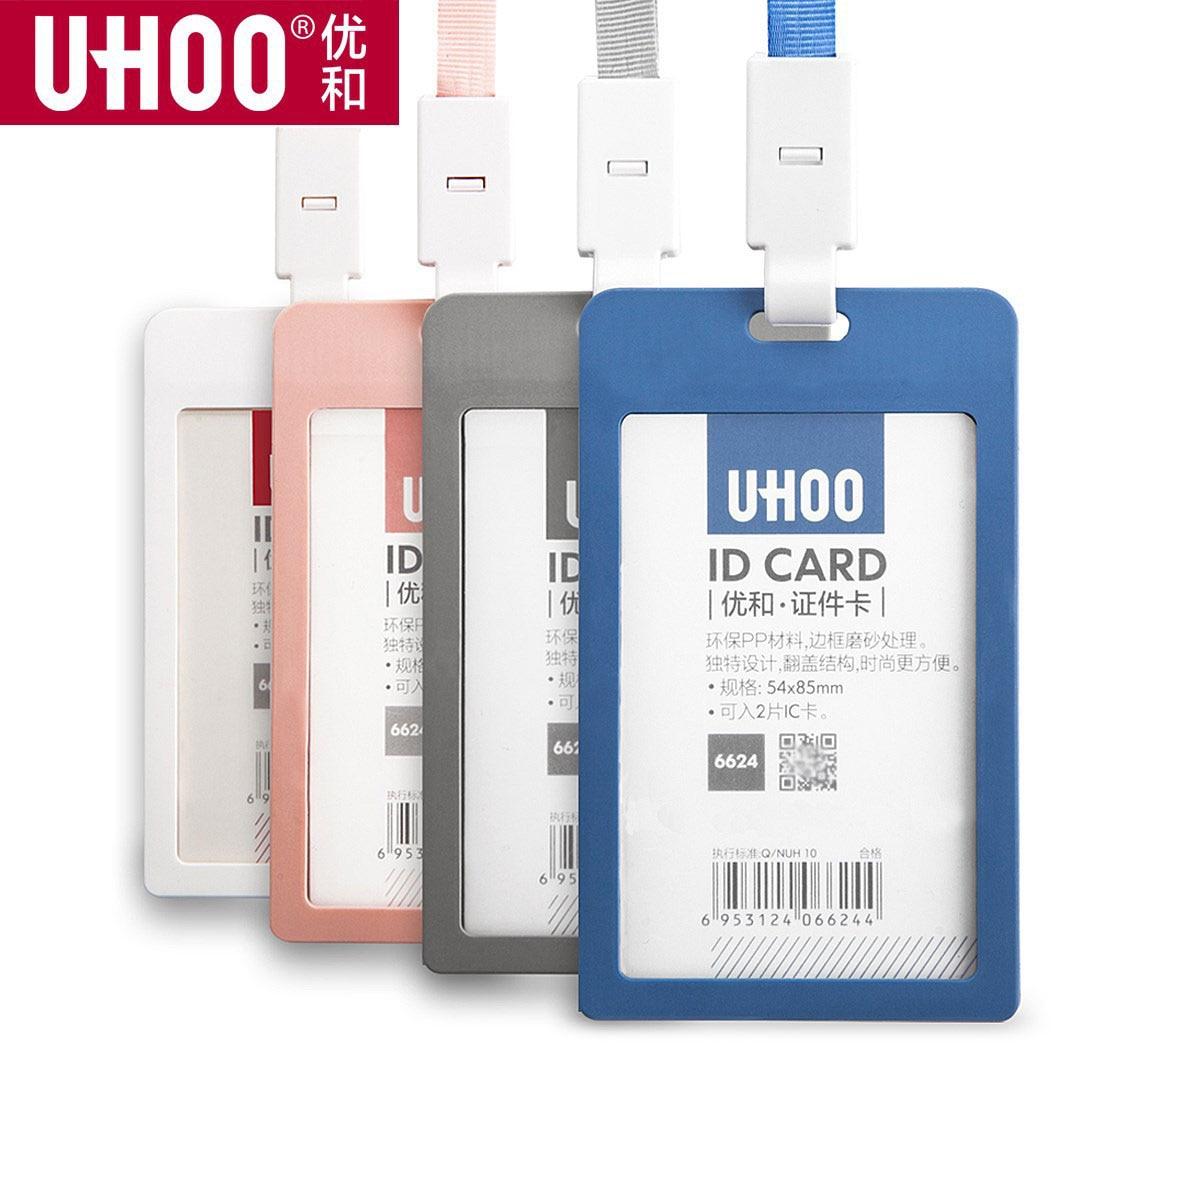 1 шт. uhoo Новый высокое качество пластик ID держатель для карт выдвижной держатель для бэйджа пропуск идентификационные значки держатели